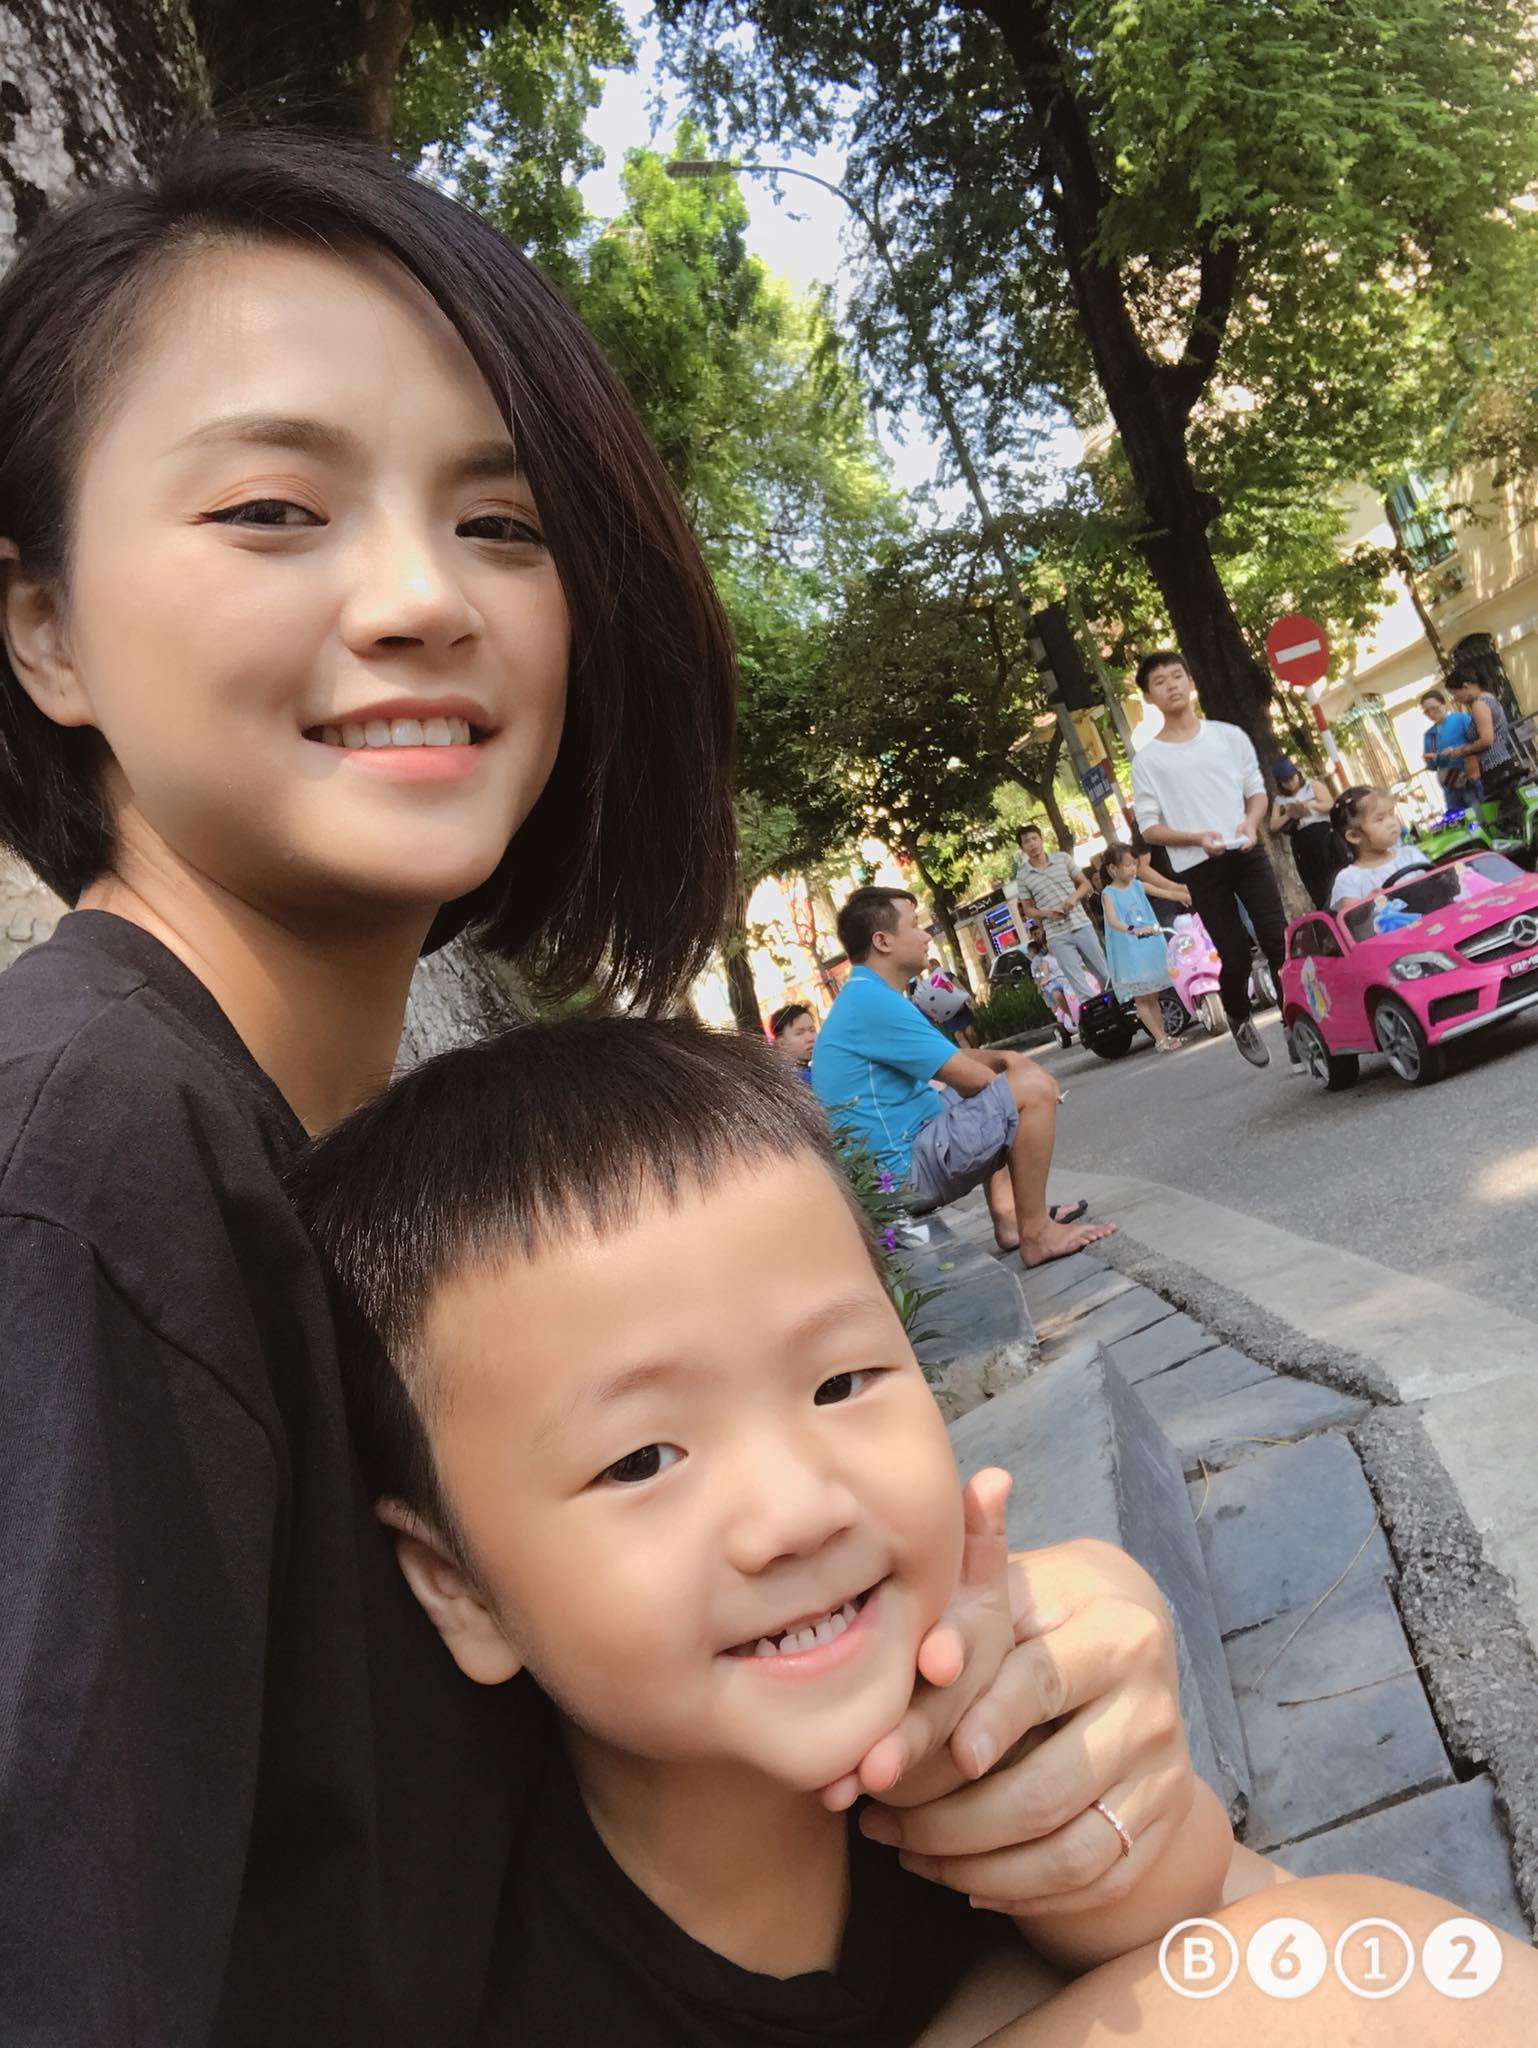 Sau mọi ồn ào hậu ly hôn, Chí Nhân cùng gia đình tổ chức tiệc sinh nhật 4 tuổi cho con trai, hoàn toàn vắng mặt Thu Quỳnh - Ảnh 5.